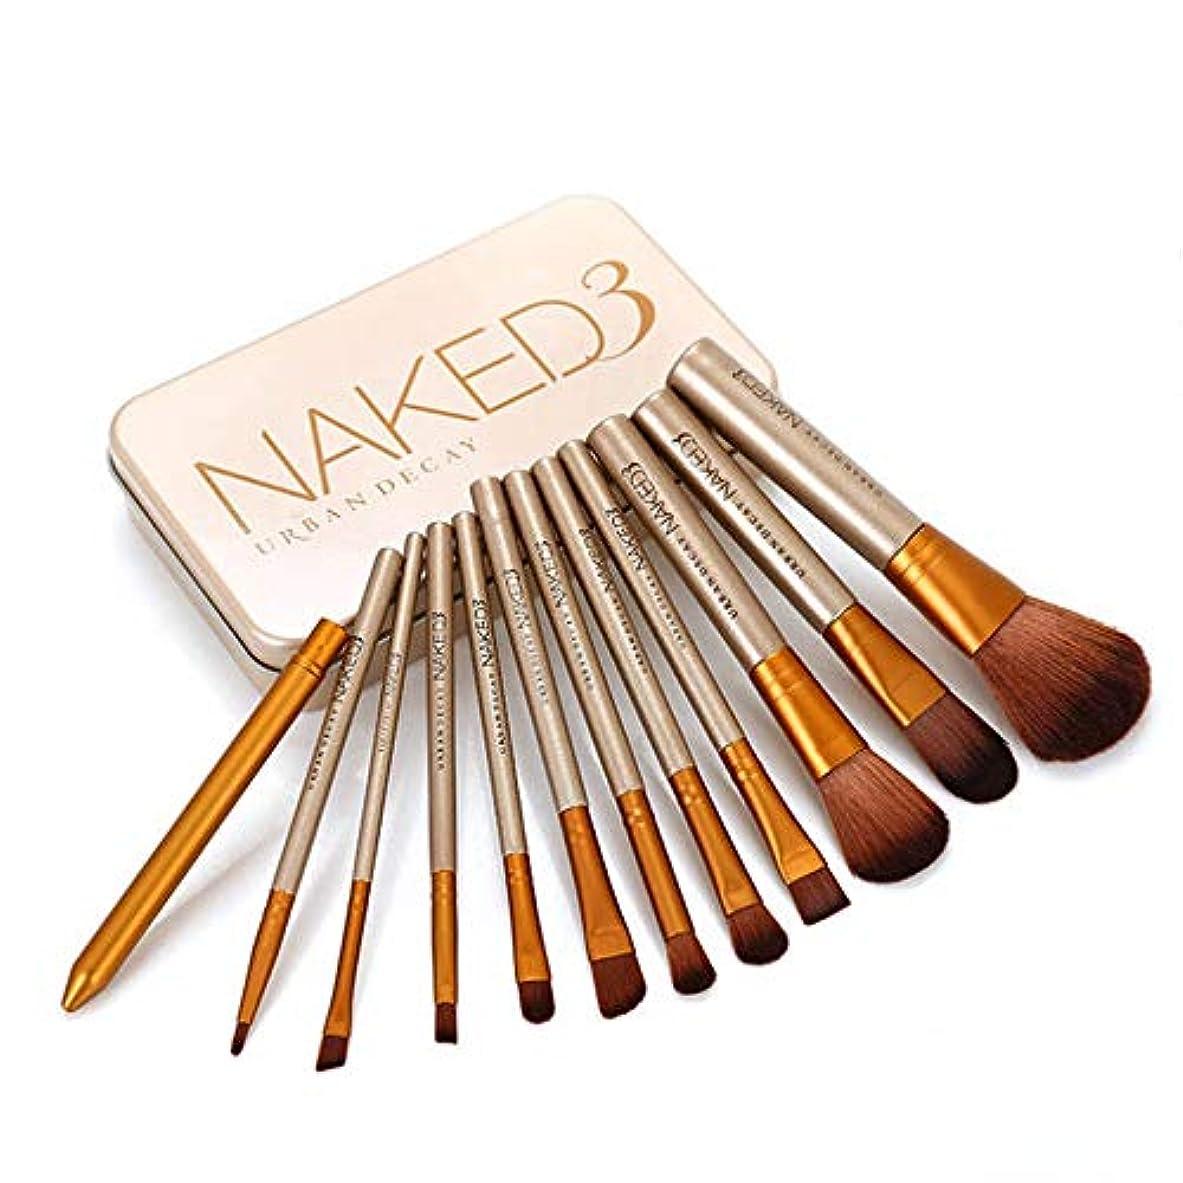 ペルセウス蜂ところでVPGJQBUIYF メイクブラシ化粧ブラシセット 高級品質 超柔らかい アイシャドウブラシ 化粧ボックス付き (12本セット) (gold)